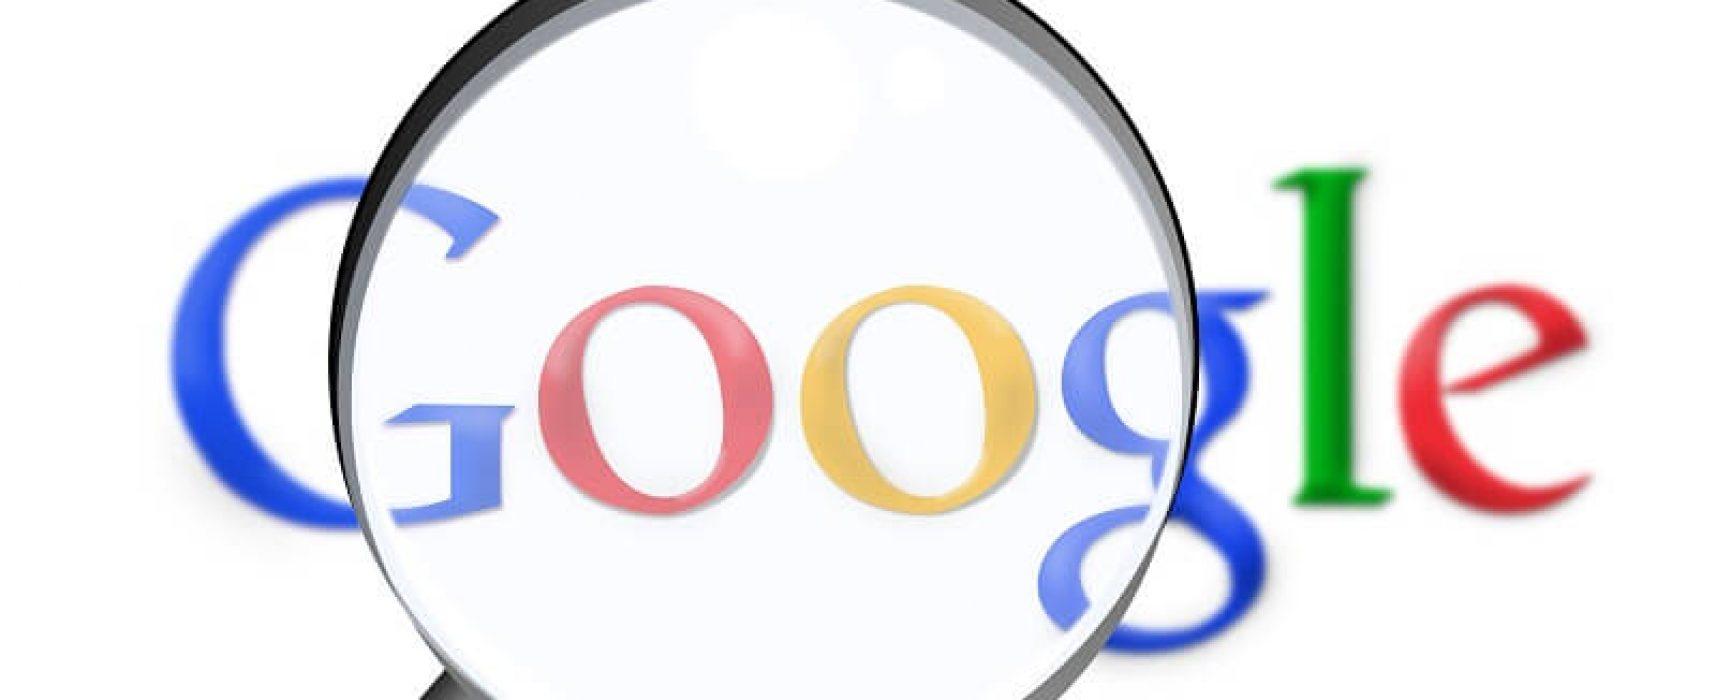 Comment obtenir un résultat impartial lors d'une recherche sur Google